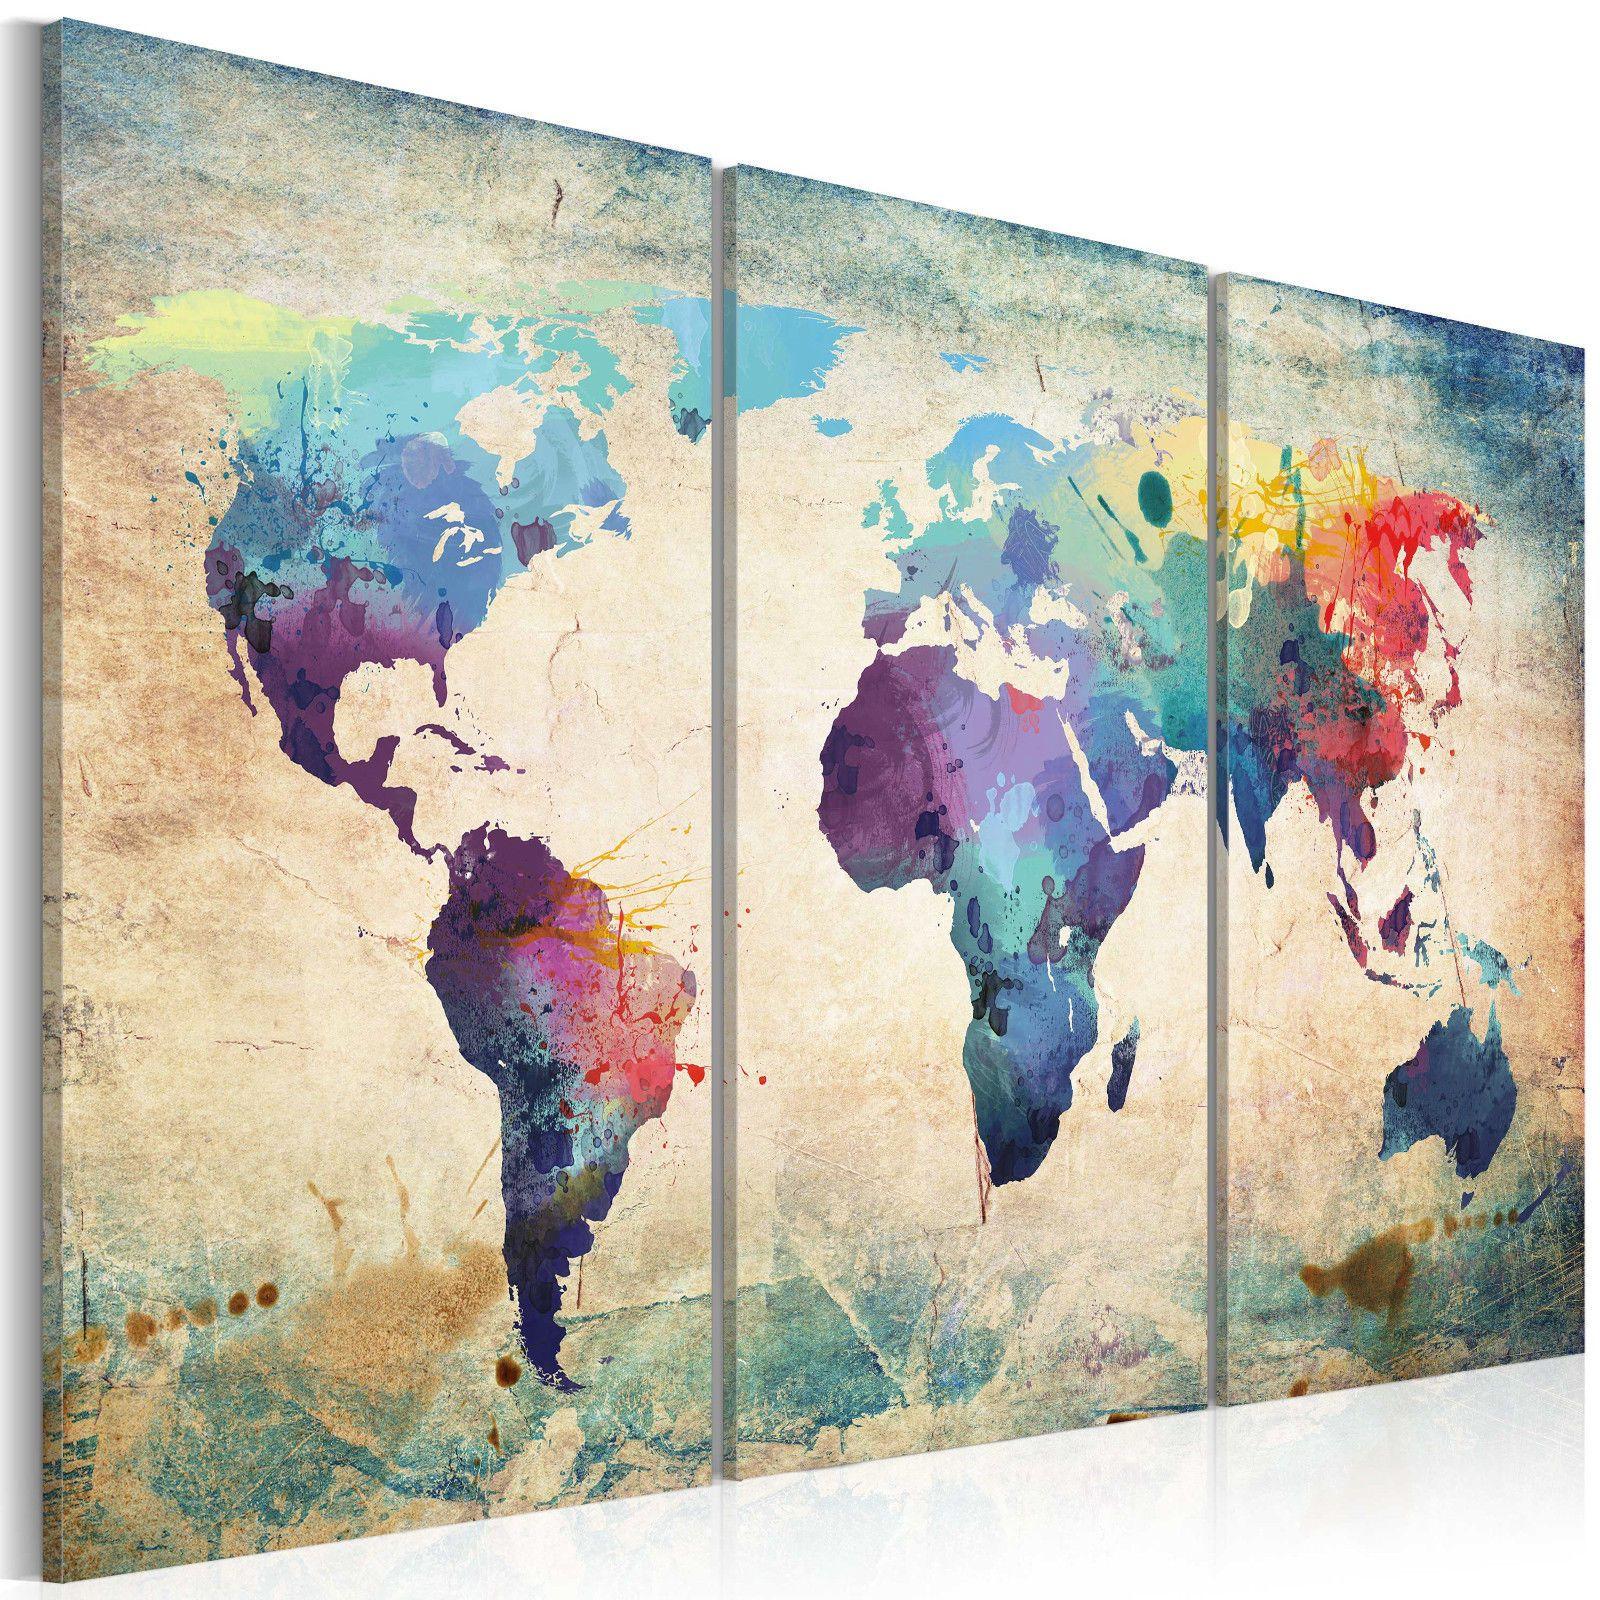 Weltkarte Kontinente Landkarte Wandbilder Xxl Bilder Vlies Leinwand 020113 47 Ebay Kartenkunst Kunstproduktion Taschentuch Kunst